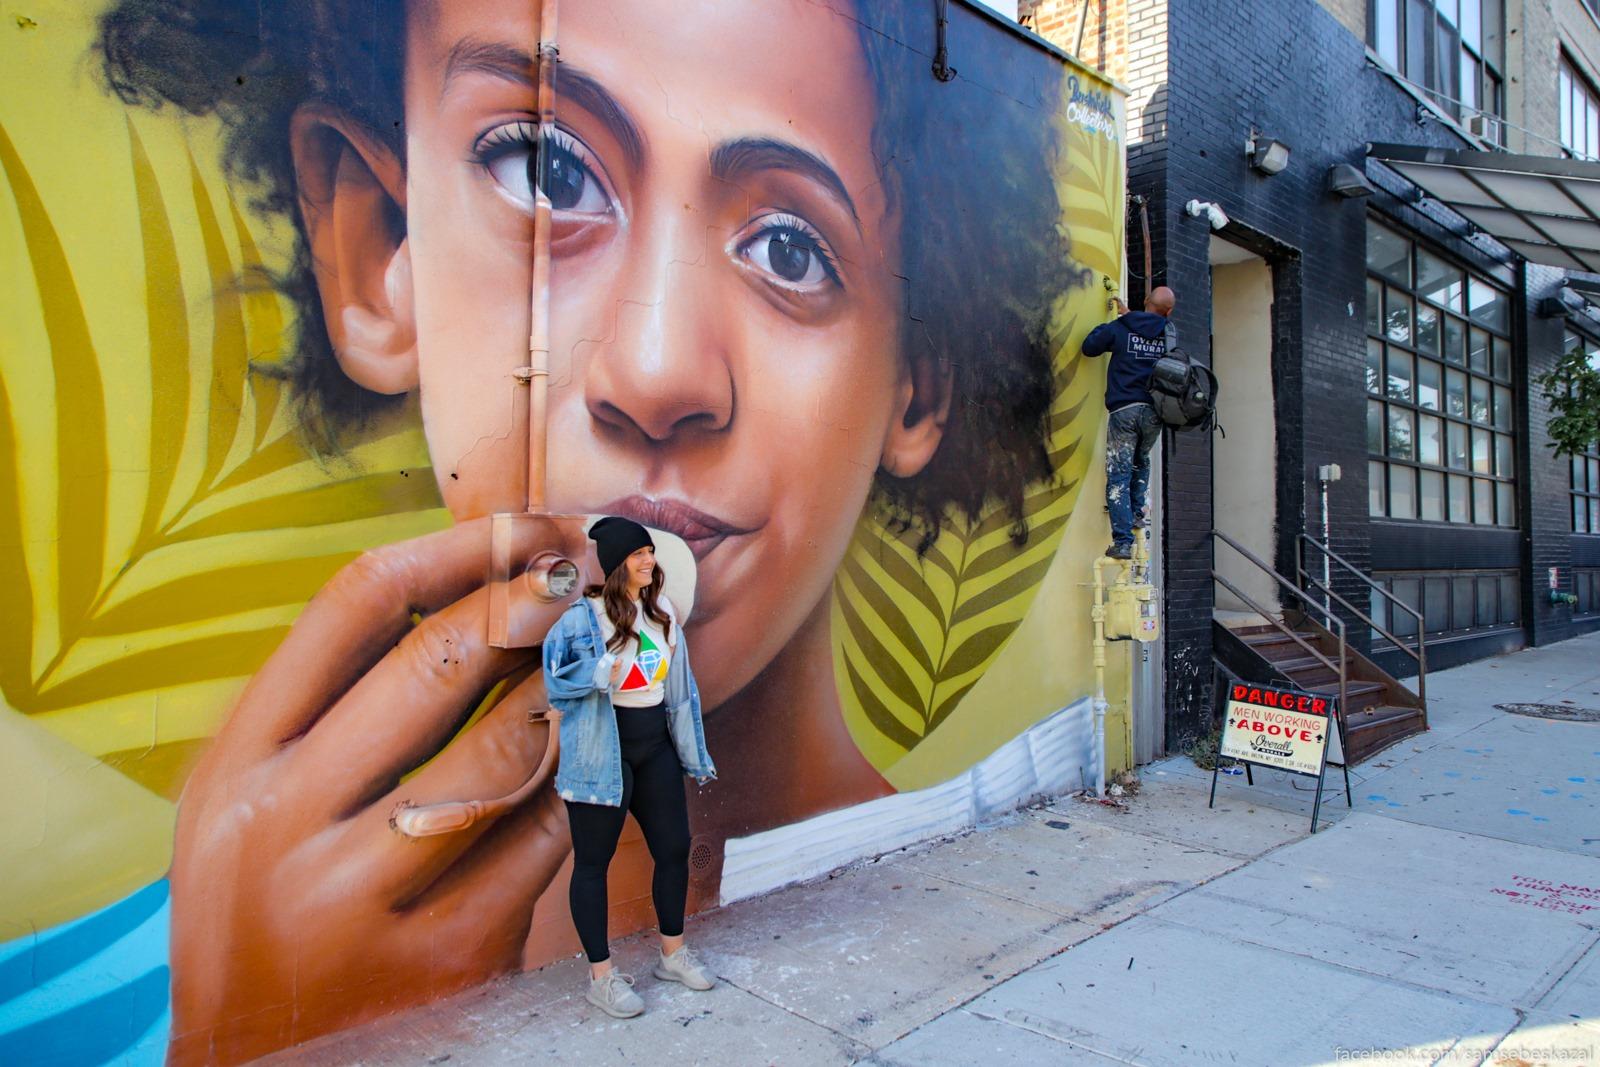 Graffiti v Busvike, Bruklin.